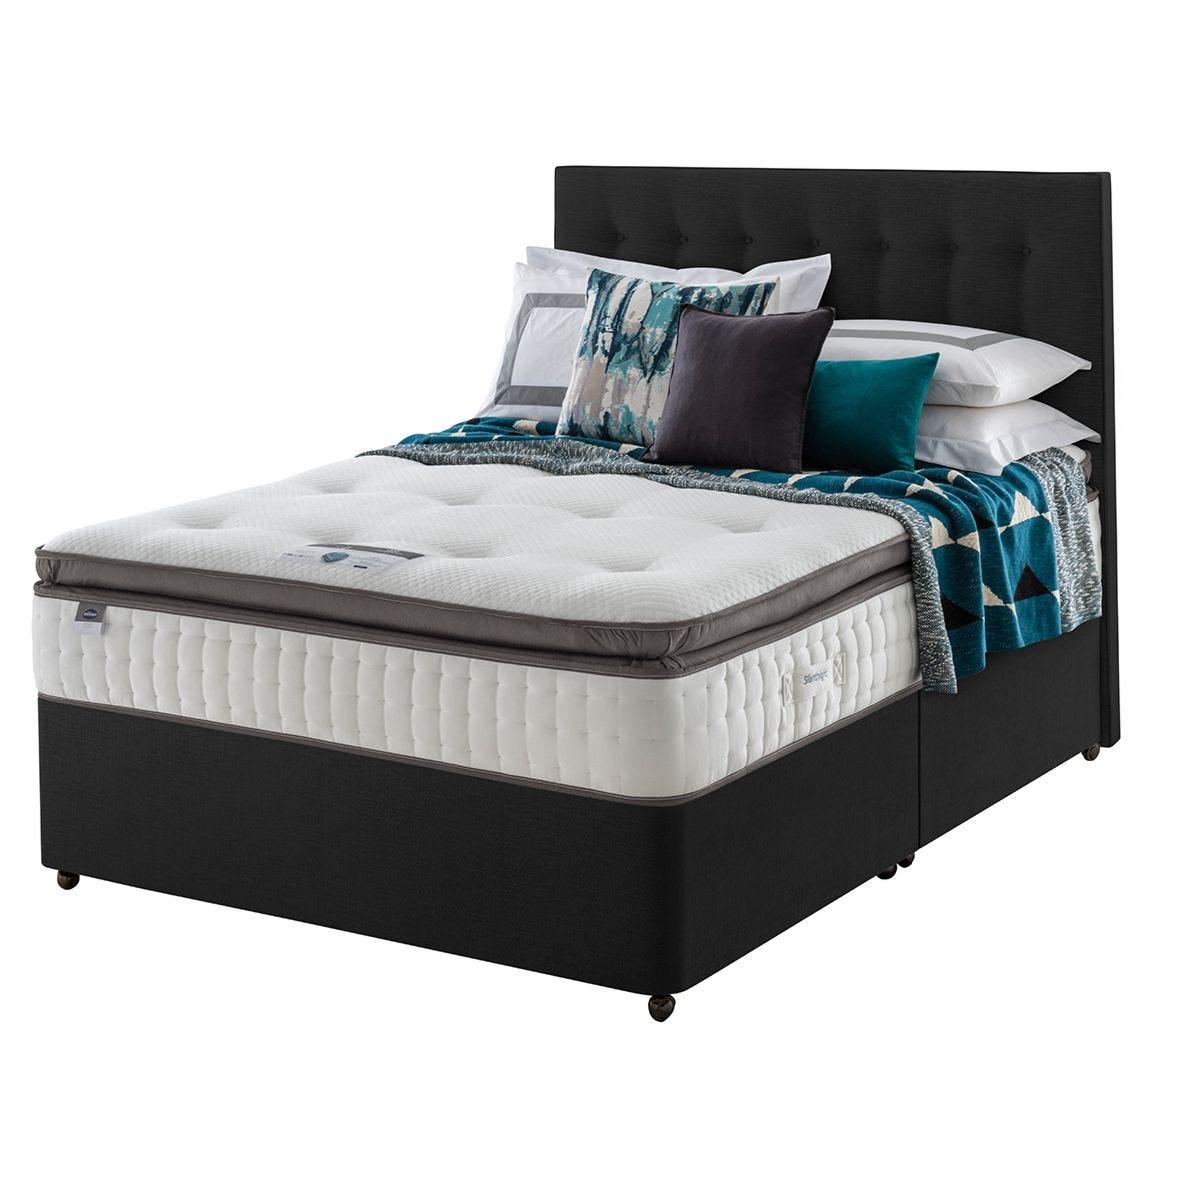 Silentnight Mirapocket Geltex 1000 Divan Bed - Ebony